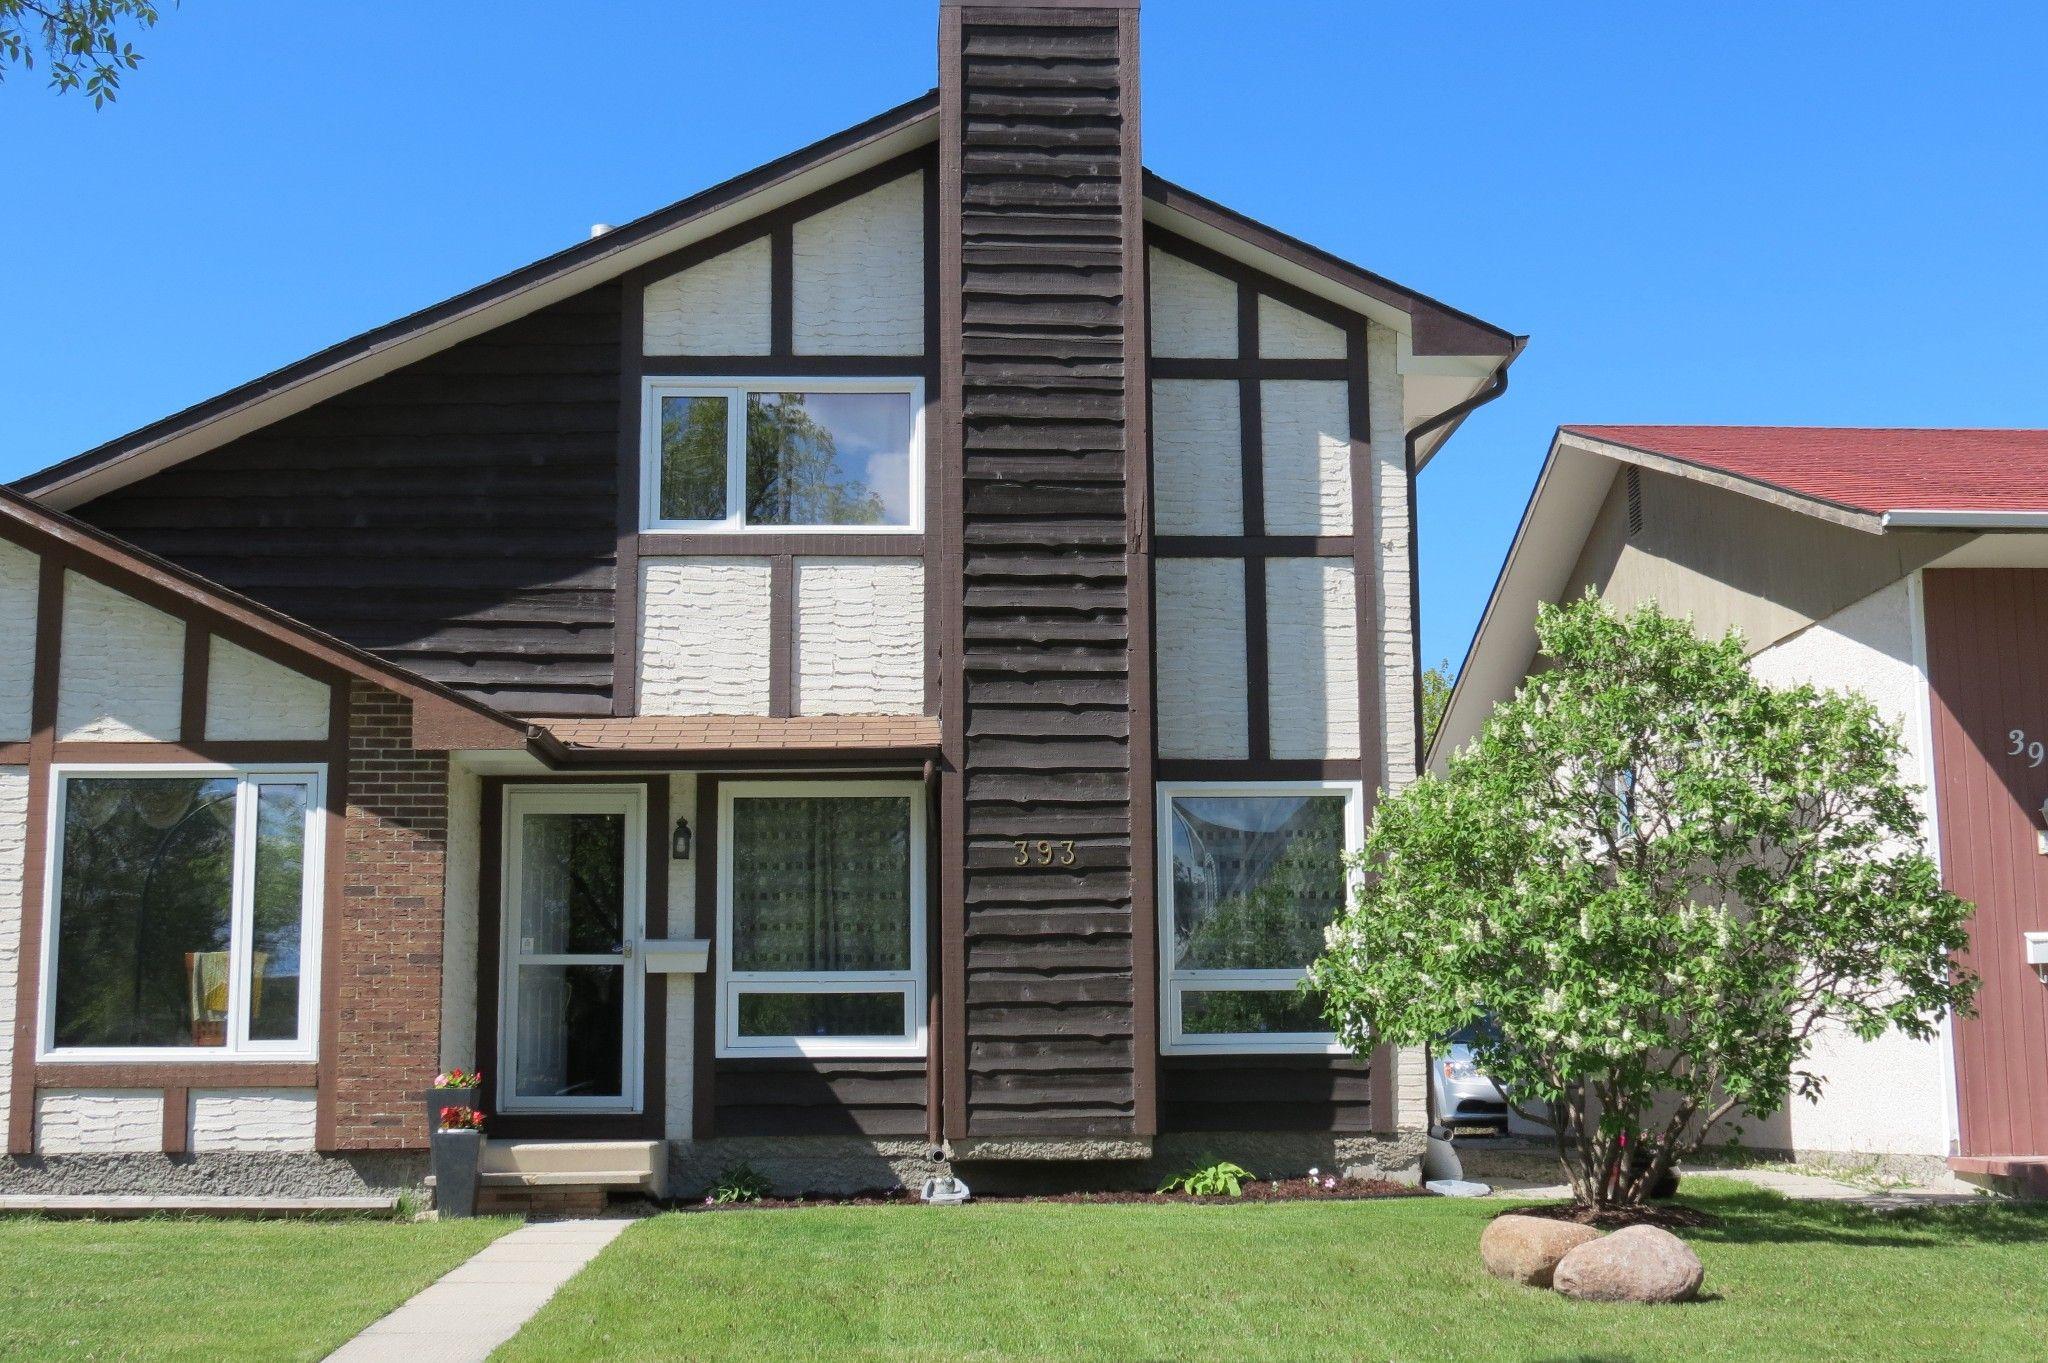 Main Photo: 393 Nova Vista Drive in Winnipeg: Single Family Attached for sale (2E)  : MLS®# 1713026